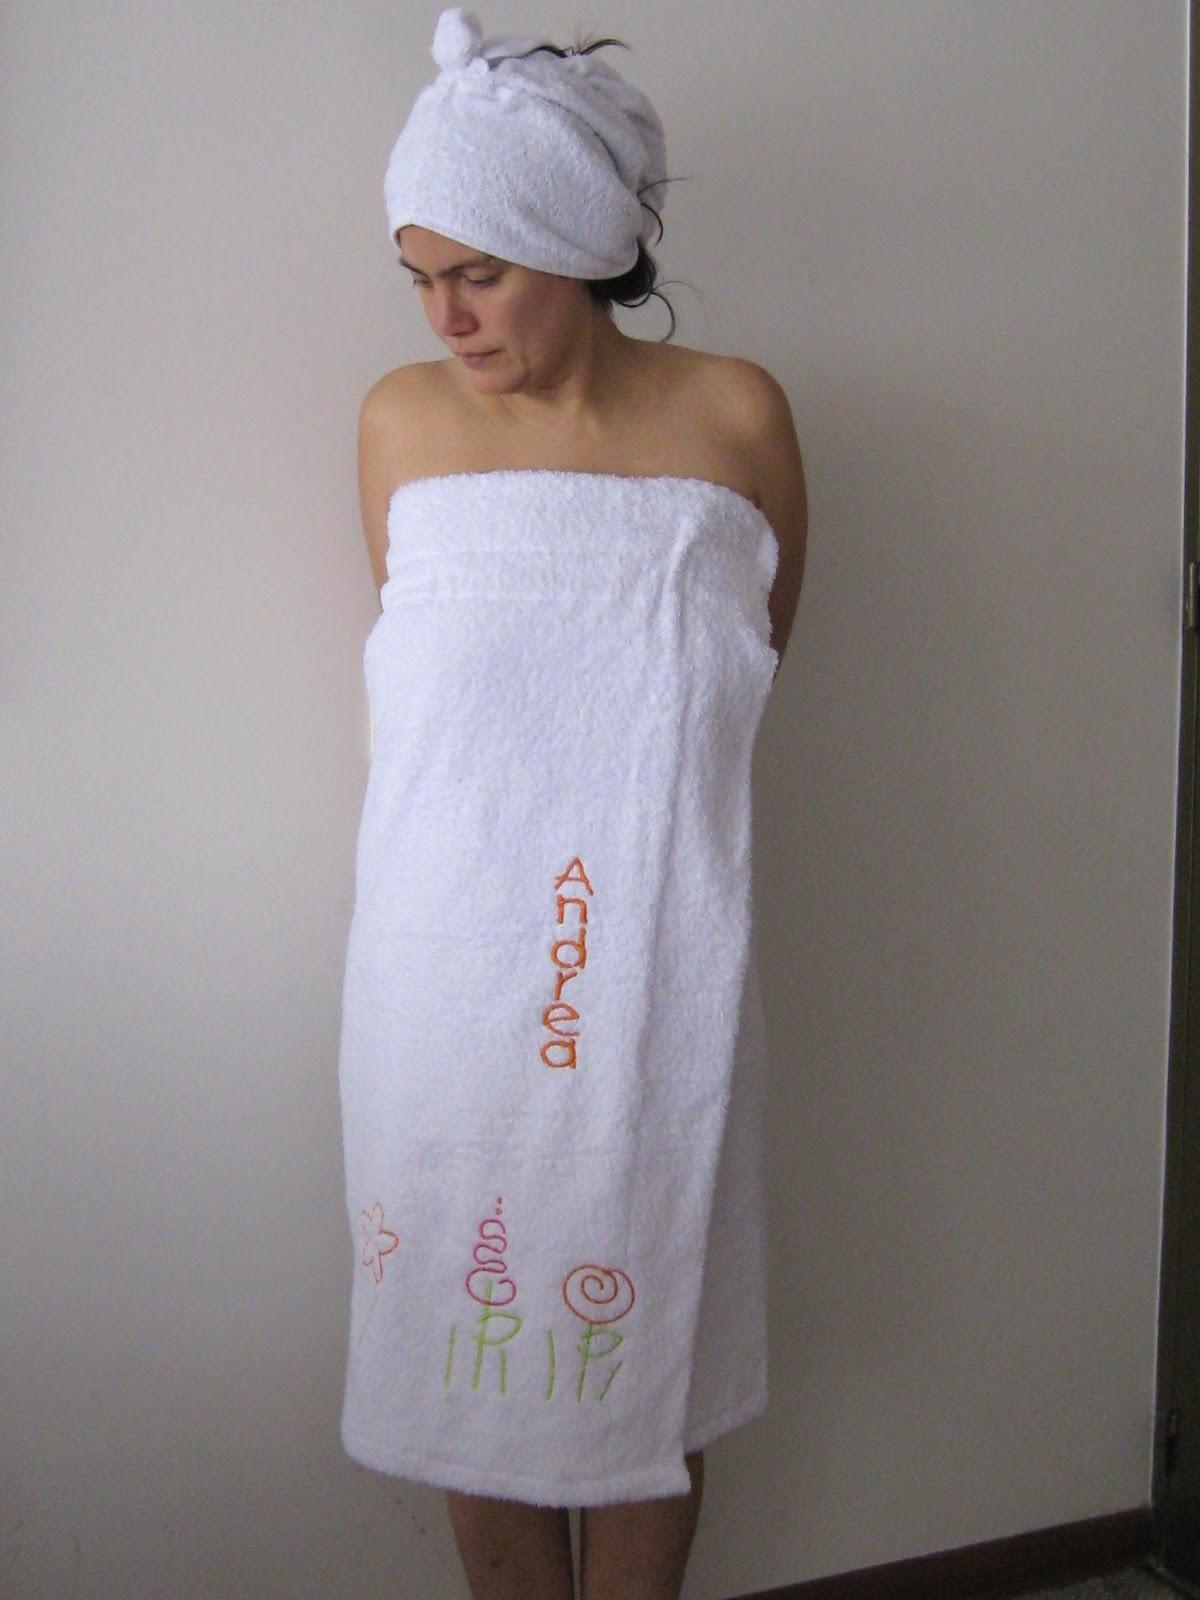 Handy mom salidas de ba o para ni as for Soporte para toallas de bano